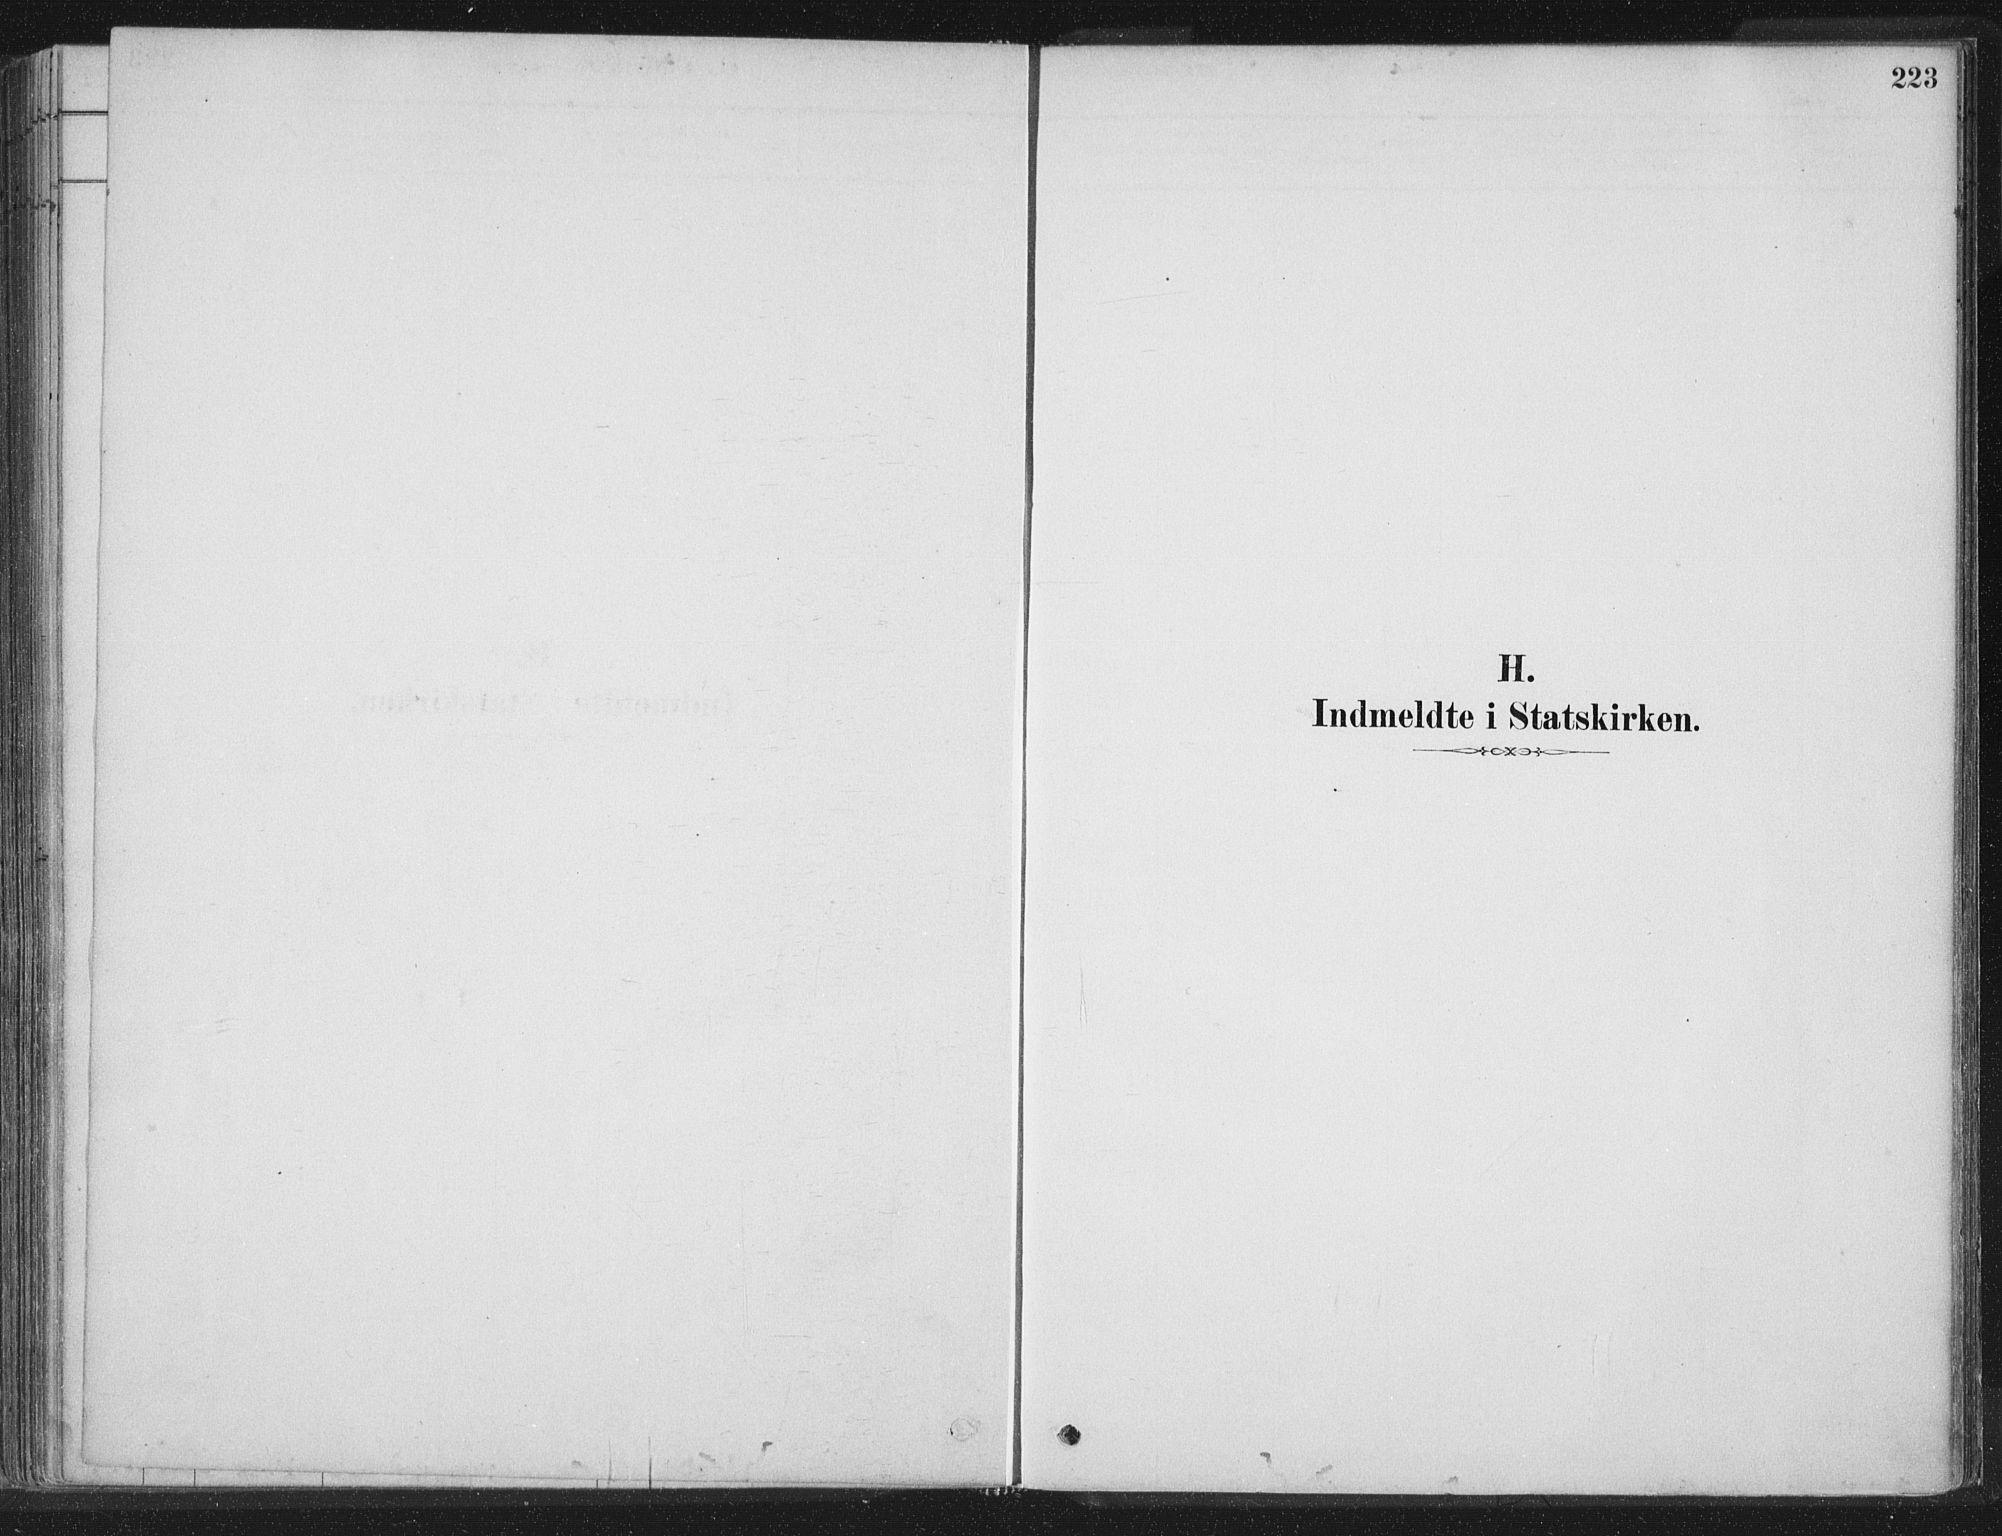 SAT, Ministerialprotokoller, klokkerbøker og fødselsregistre - Nord-Trøndelag, 788/L0697: Ministerialbok nr. 788A04, 1878-1902, s. 223